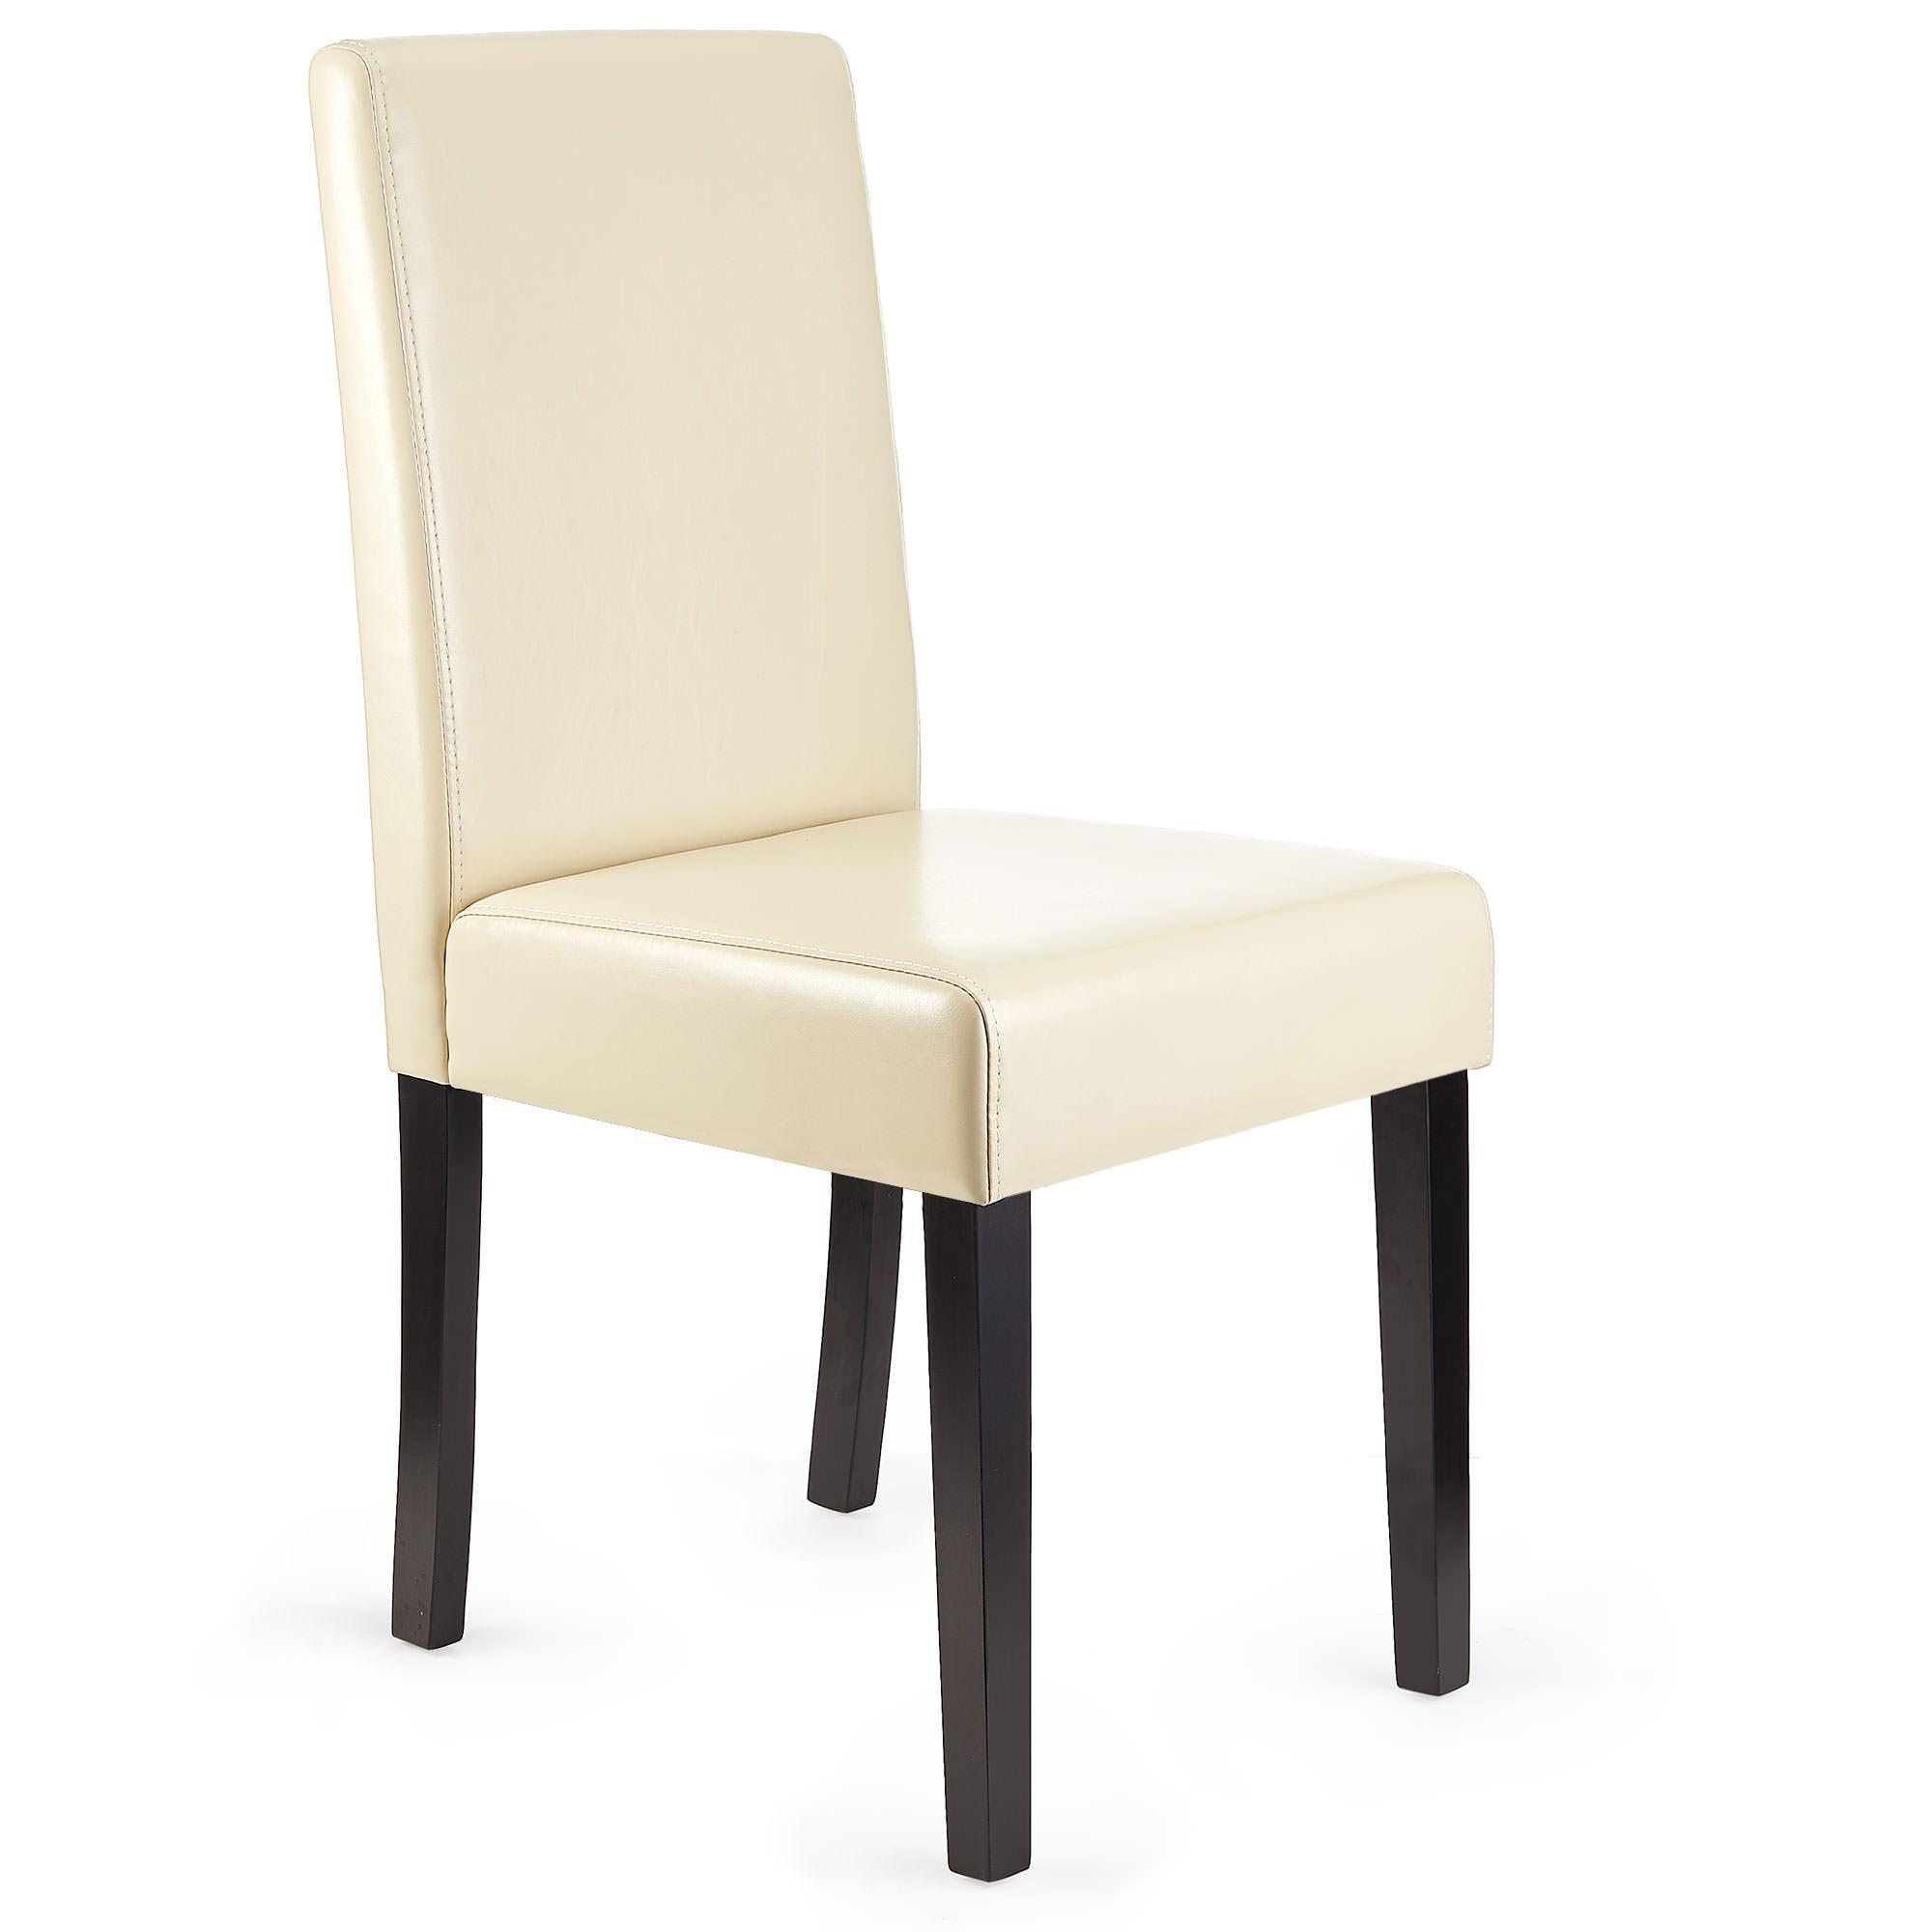 lote sillas comedor o cocina litau en madera y piel color crema y patas oscuras